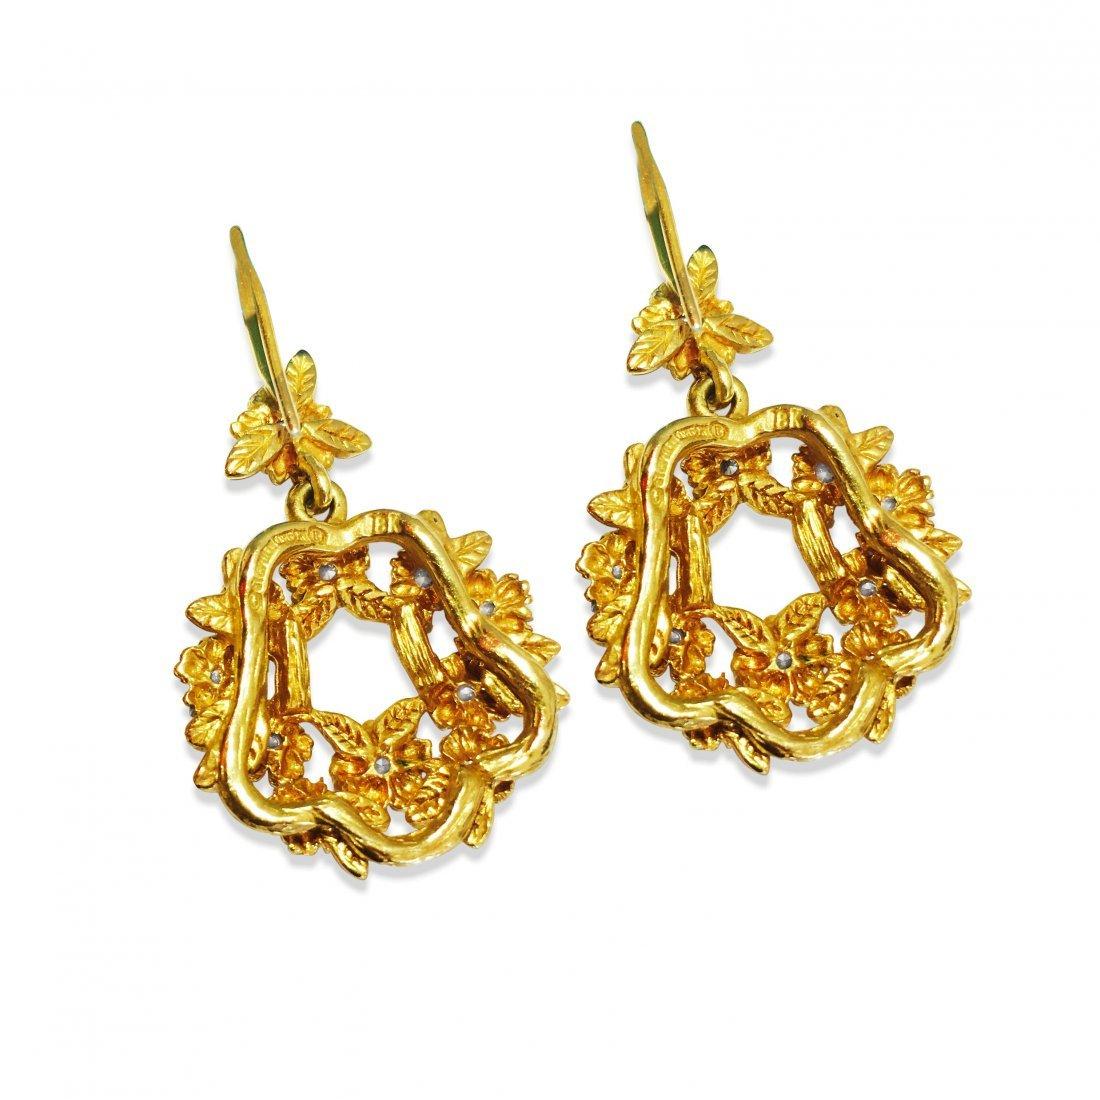 Stephen Dweck 18K GOLD & DIAMONDS Earrings - 3